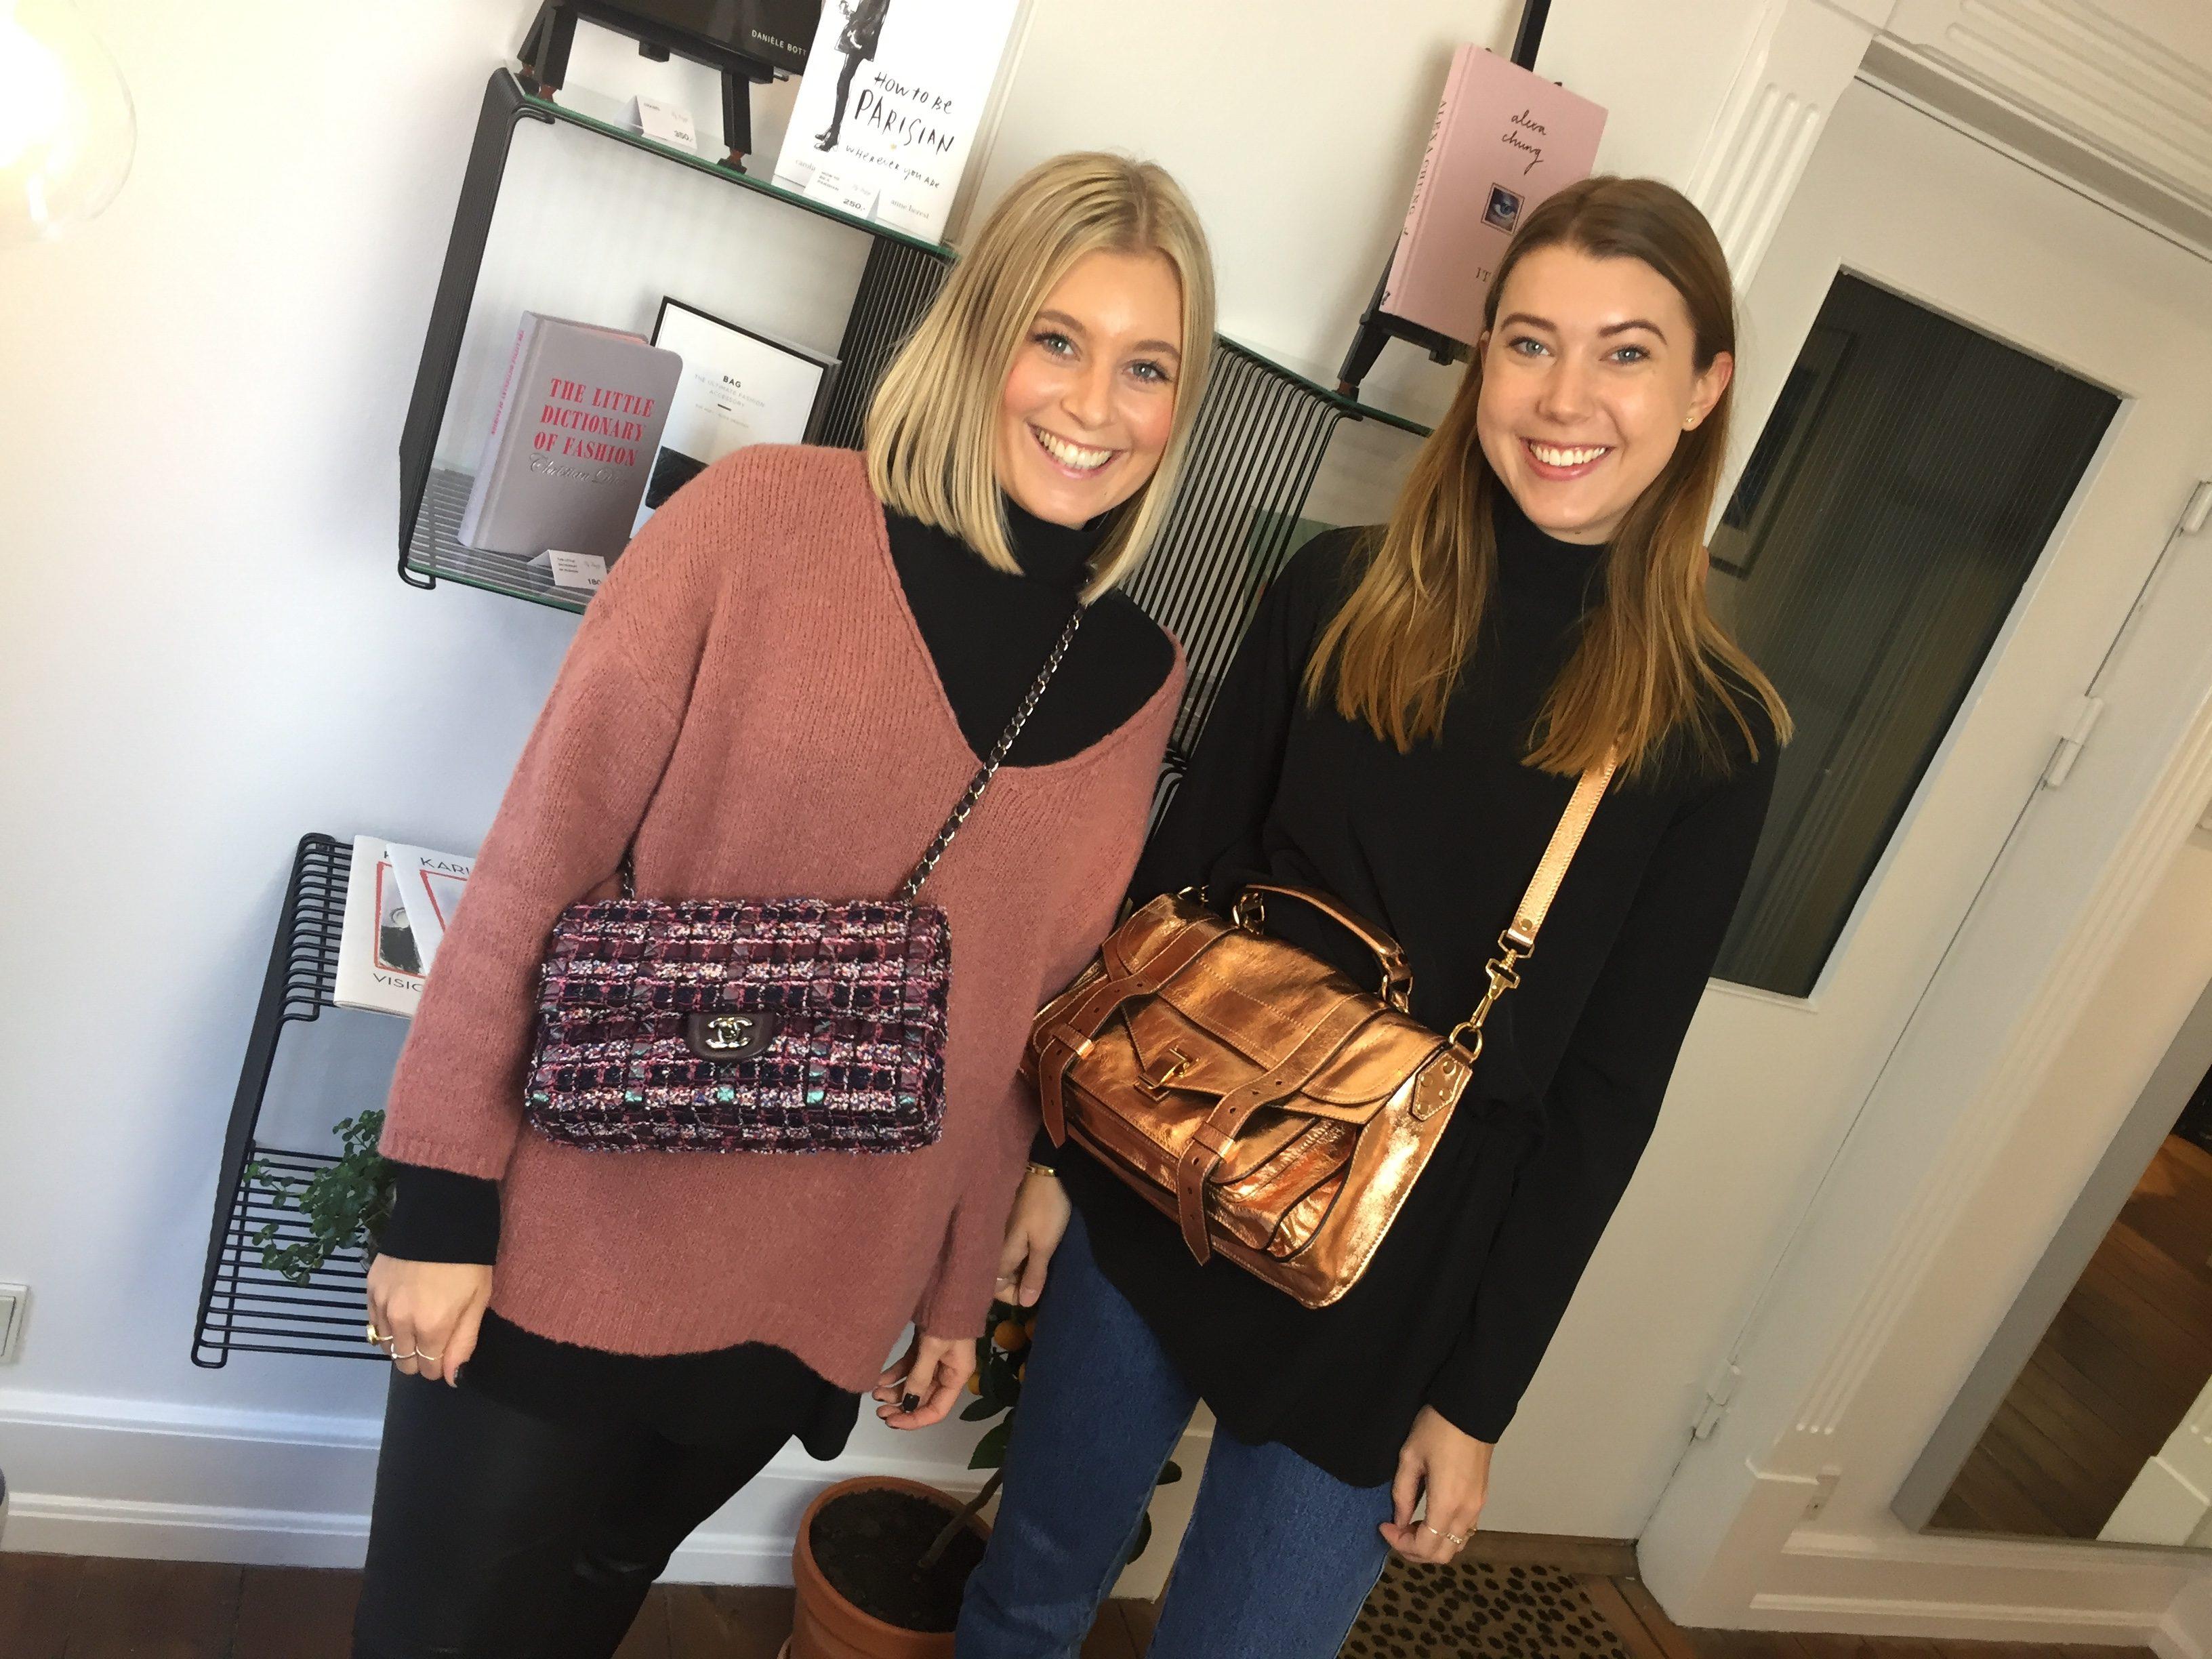 Louise og Christina fra My Bagup poserer med taskerne (Foto: MDS)